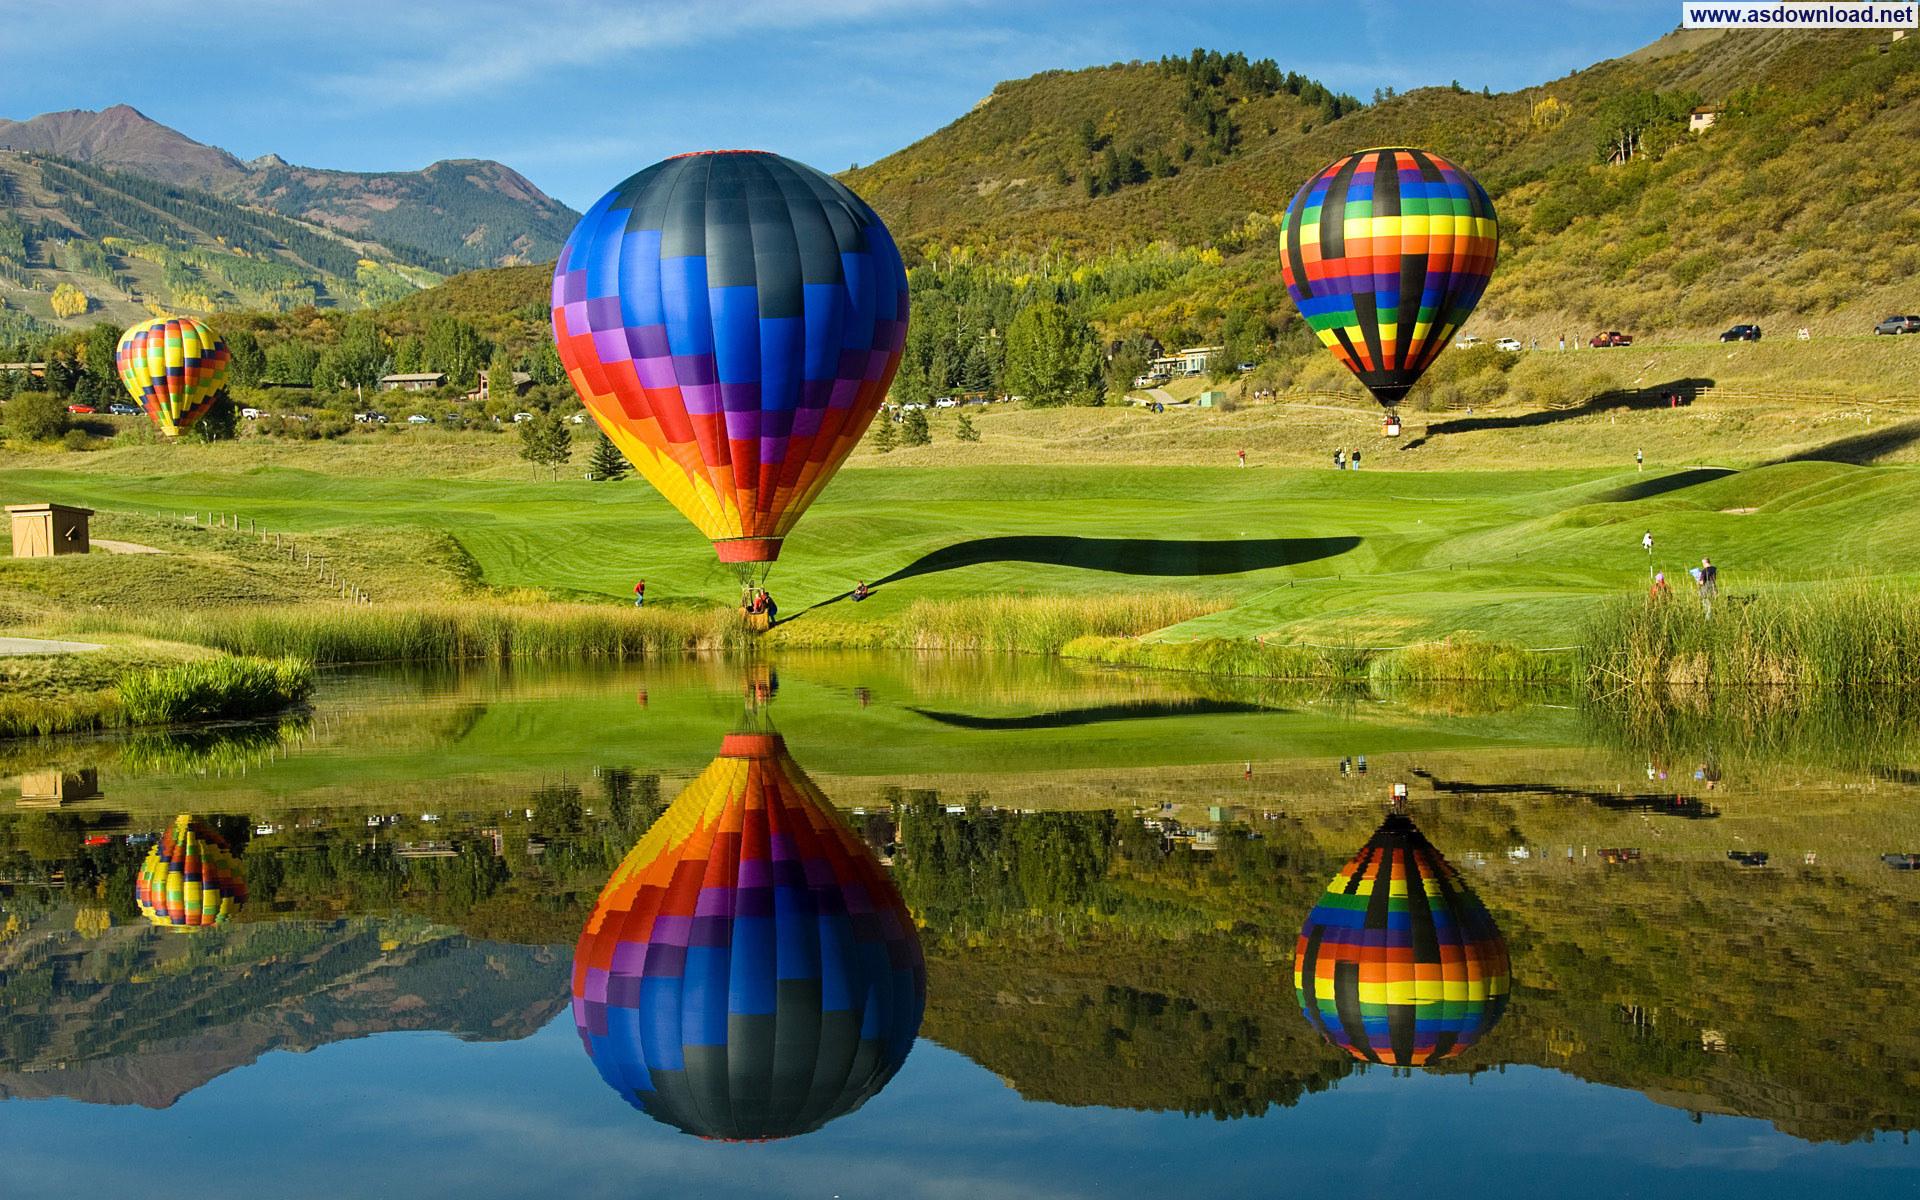 دانلود عکس جاذبه های طبیعی و گردشگری